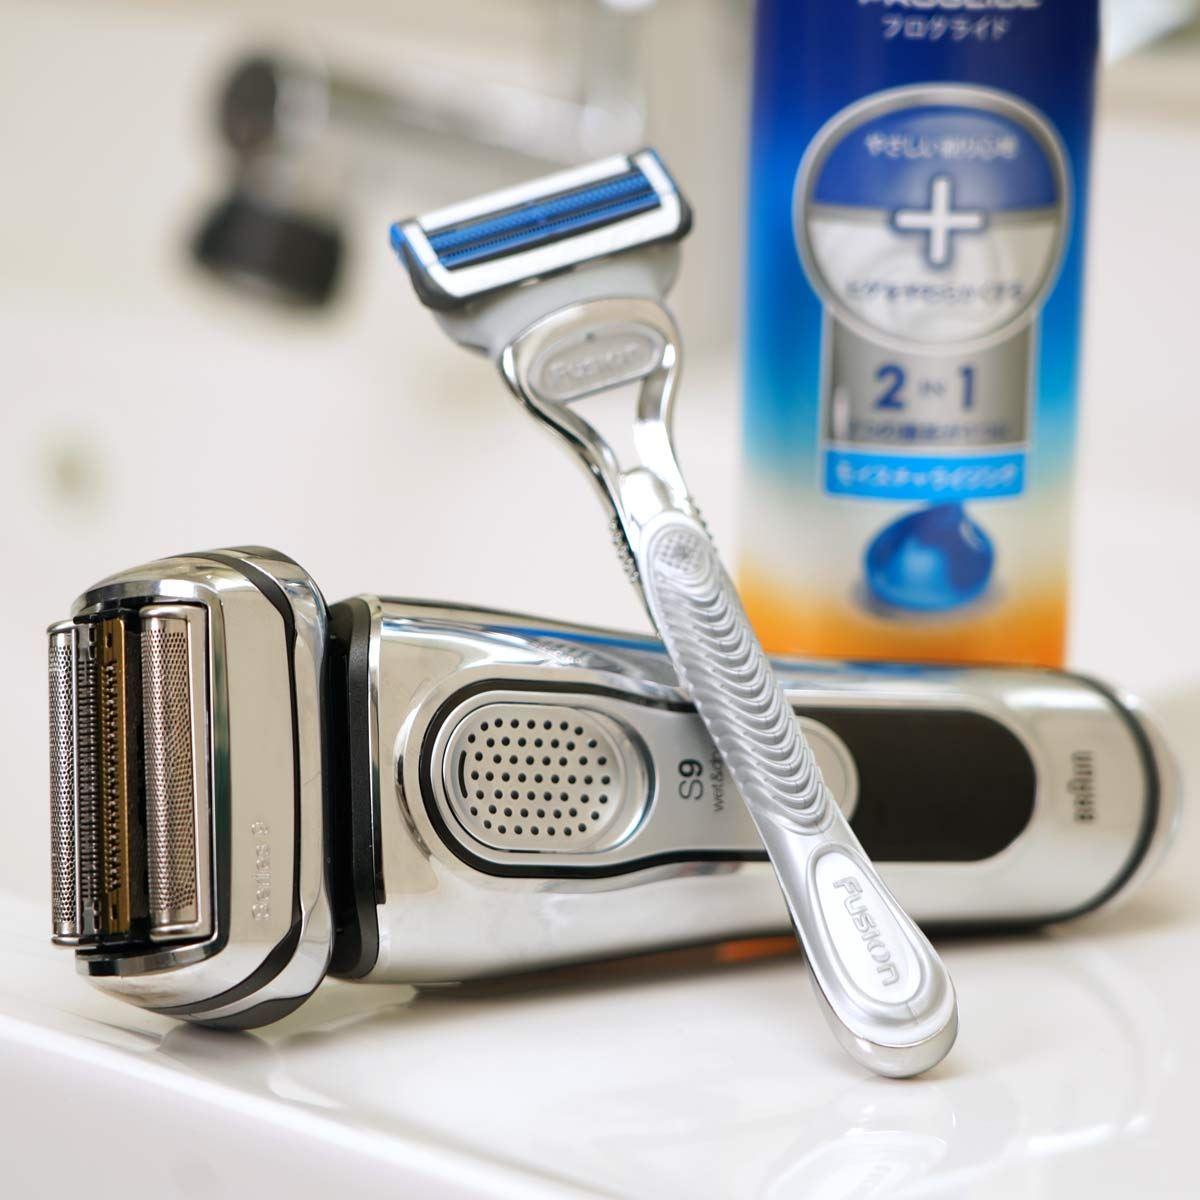 剃り おすすめ 髭